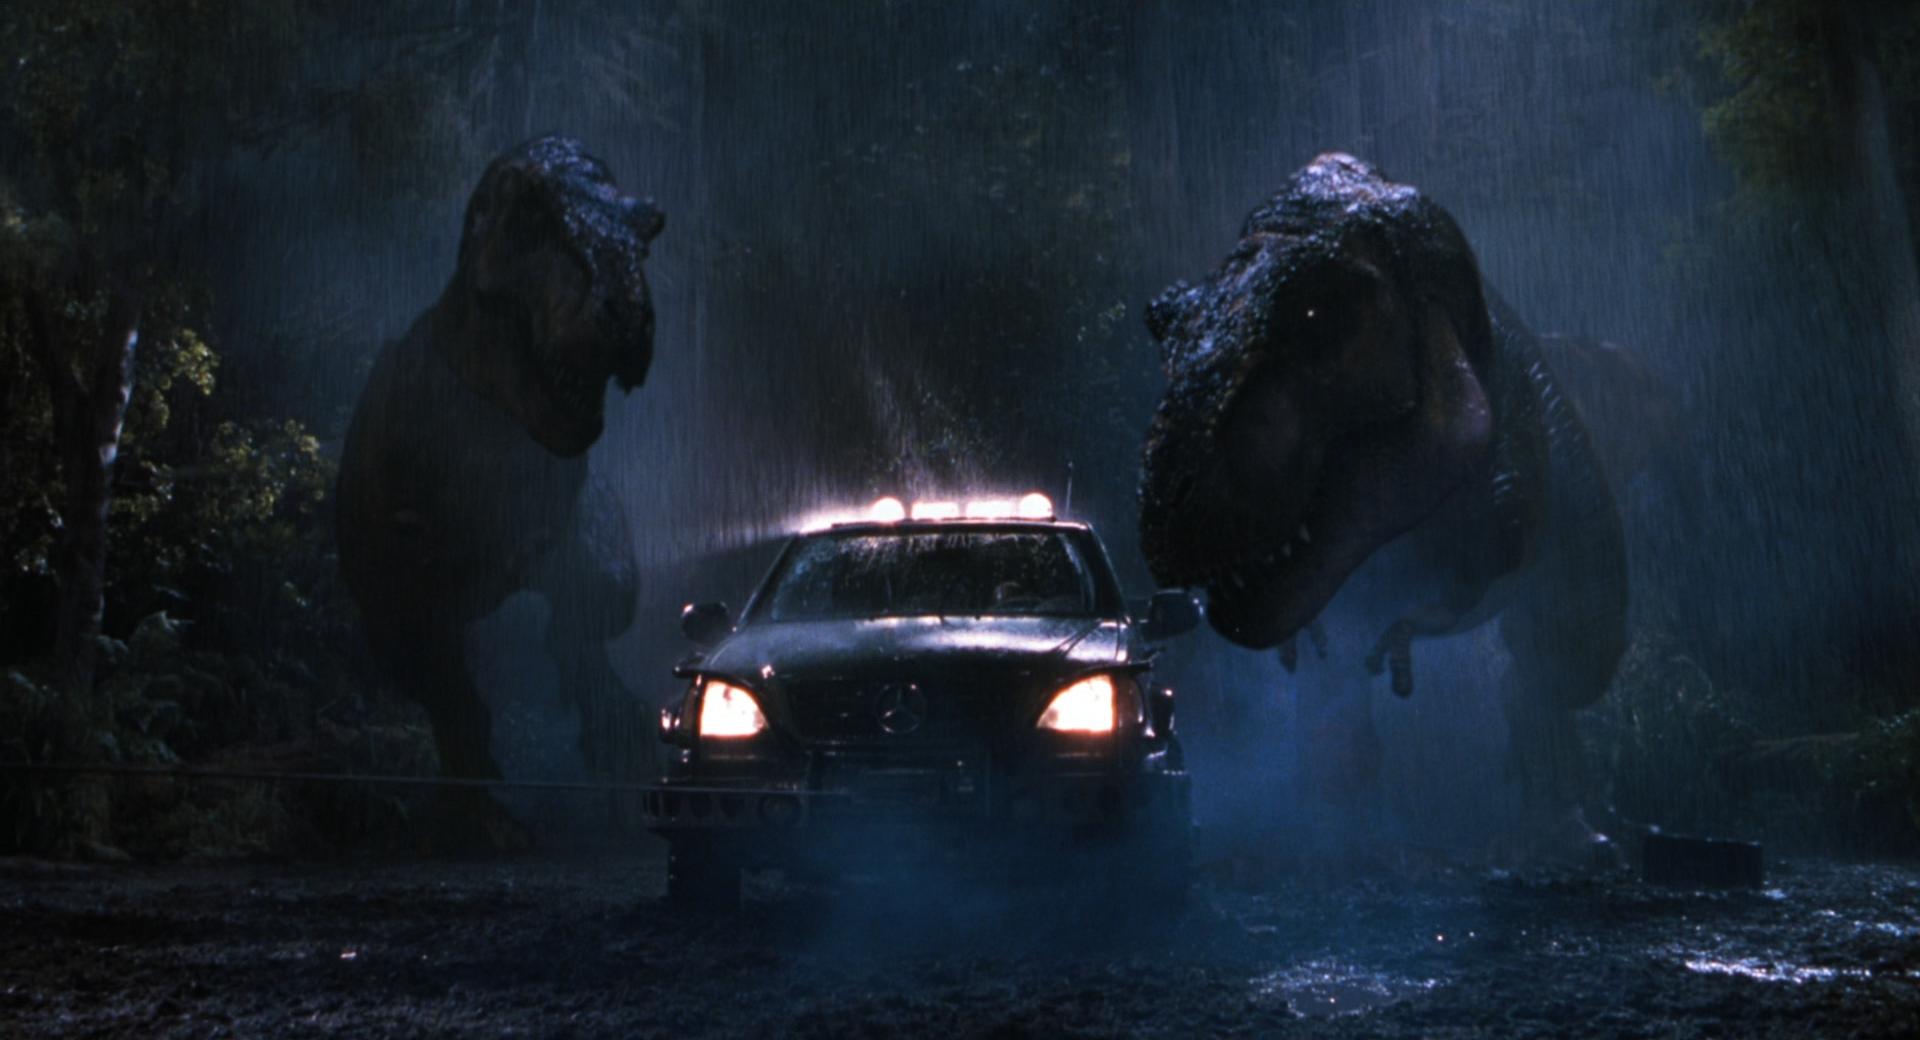 Il mondo perduto - Jurassic Park - Wikipedia